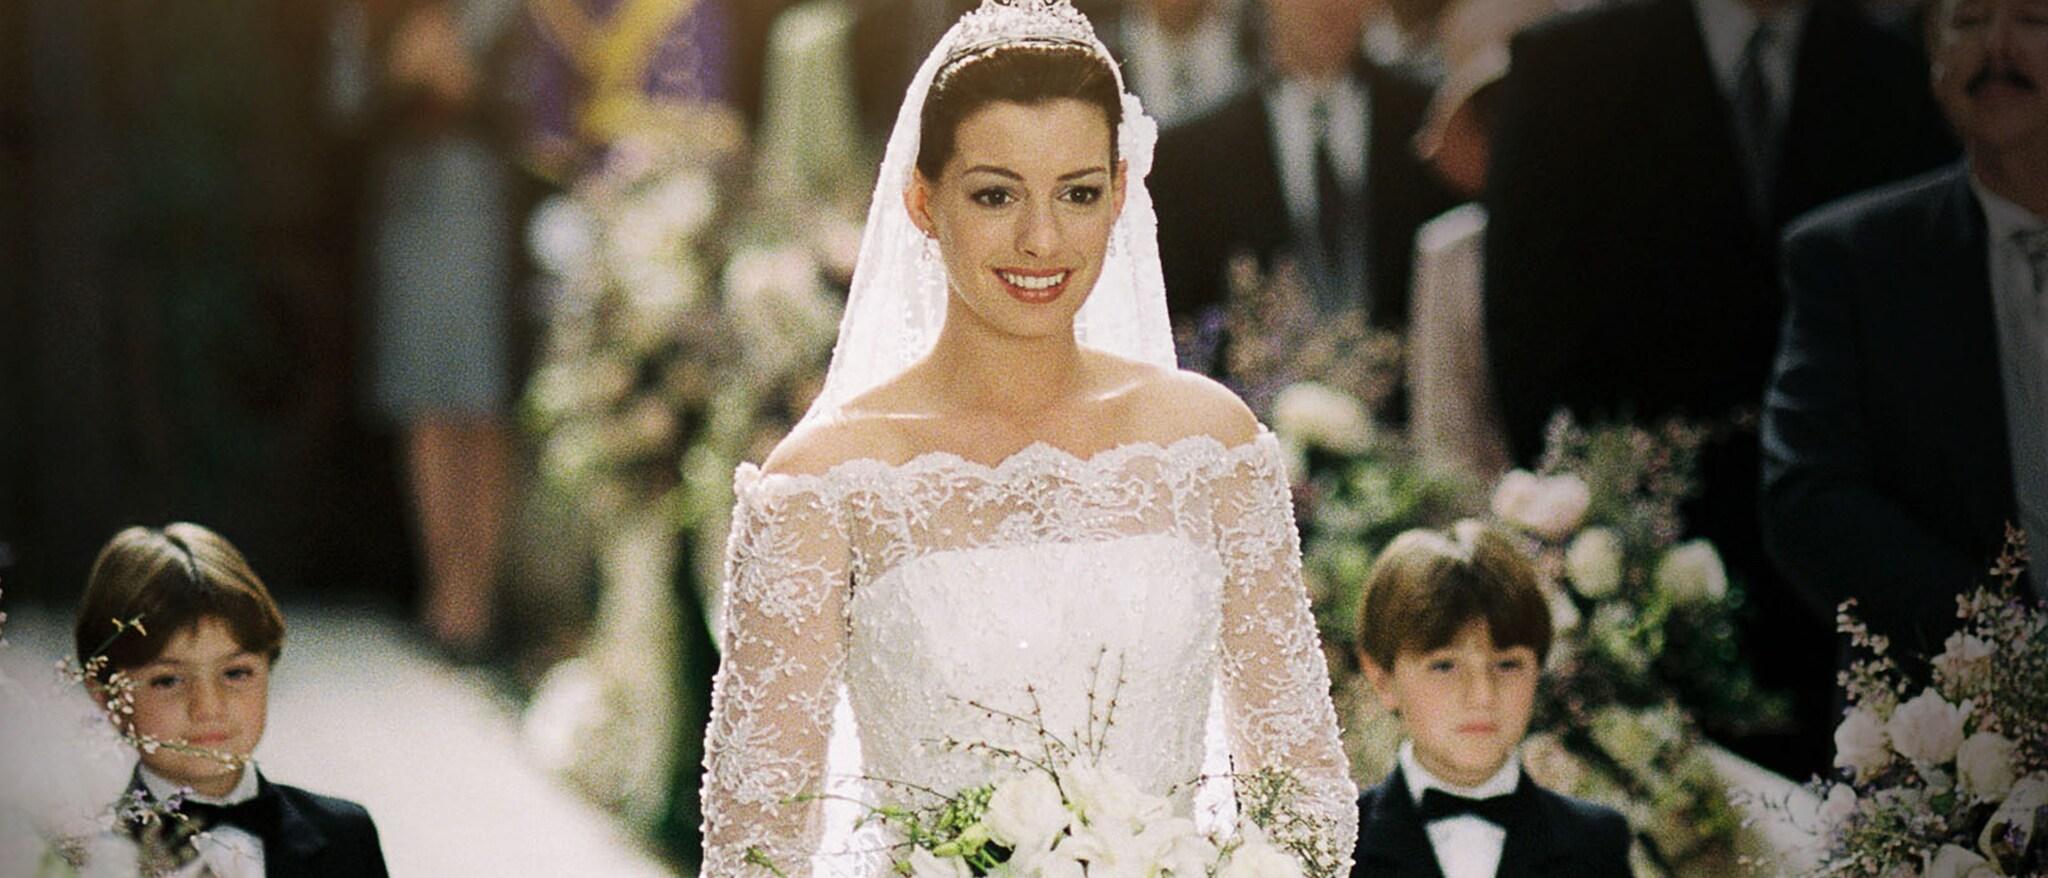 The Princess Diaries 2: Royal Engagement Hero